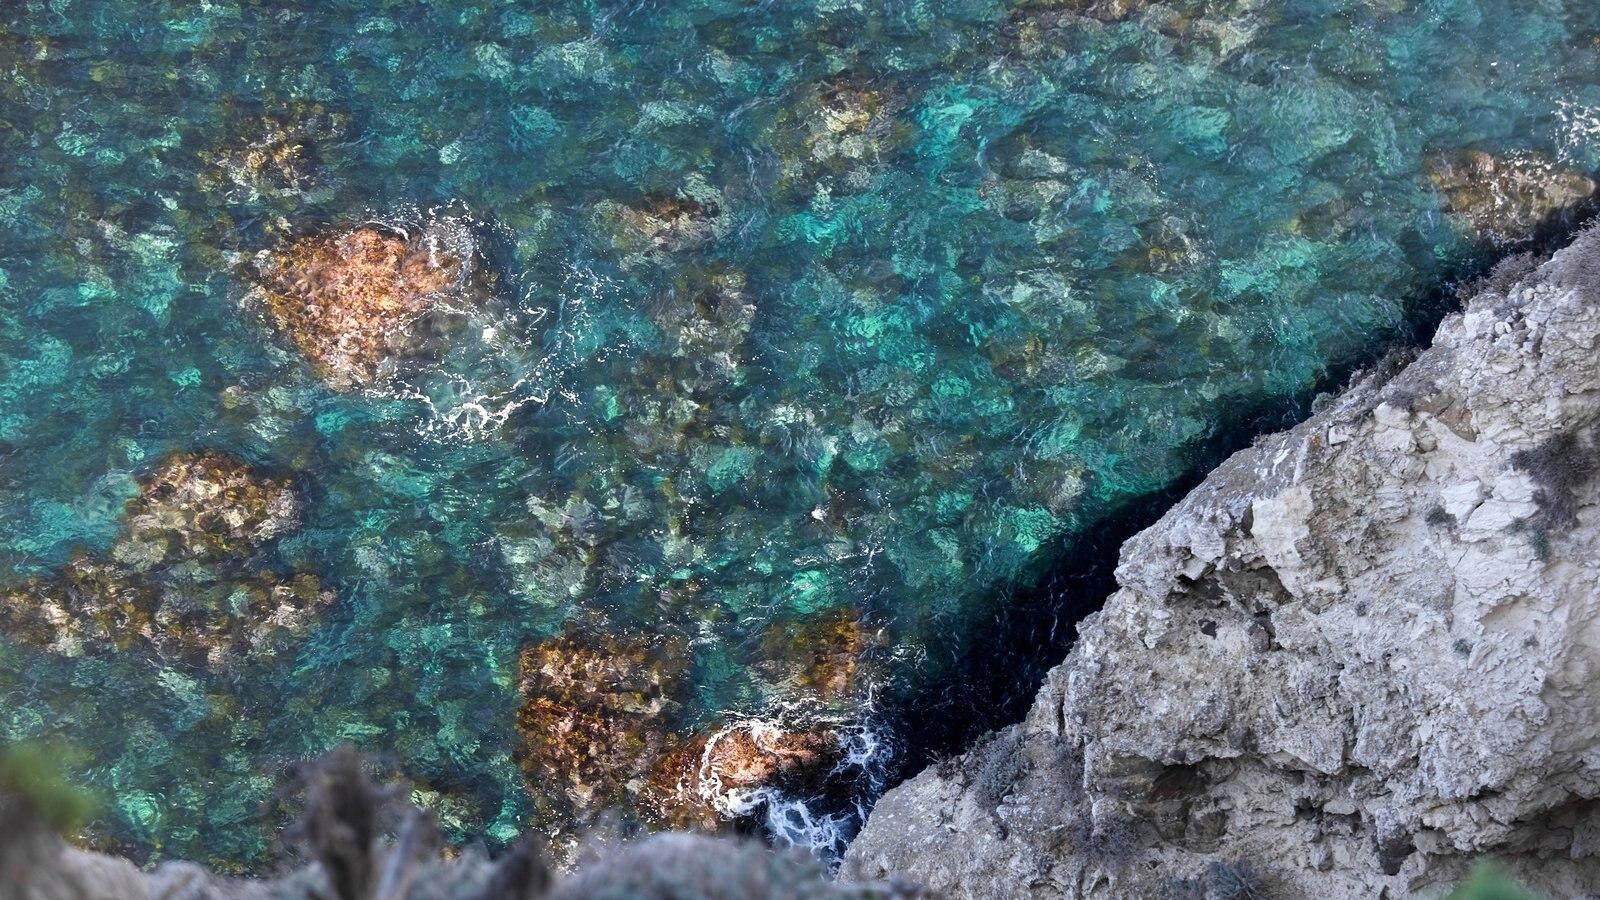 Parque Nacional de Channel Islands que inclui litoral rochoso e paisagens litorâneas